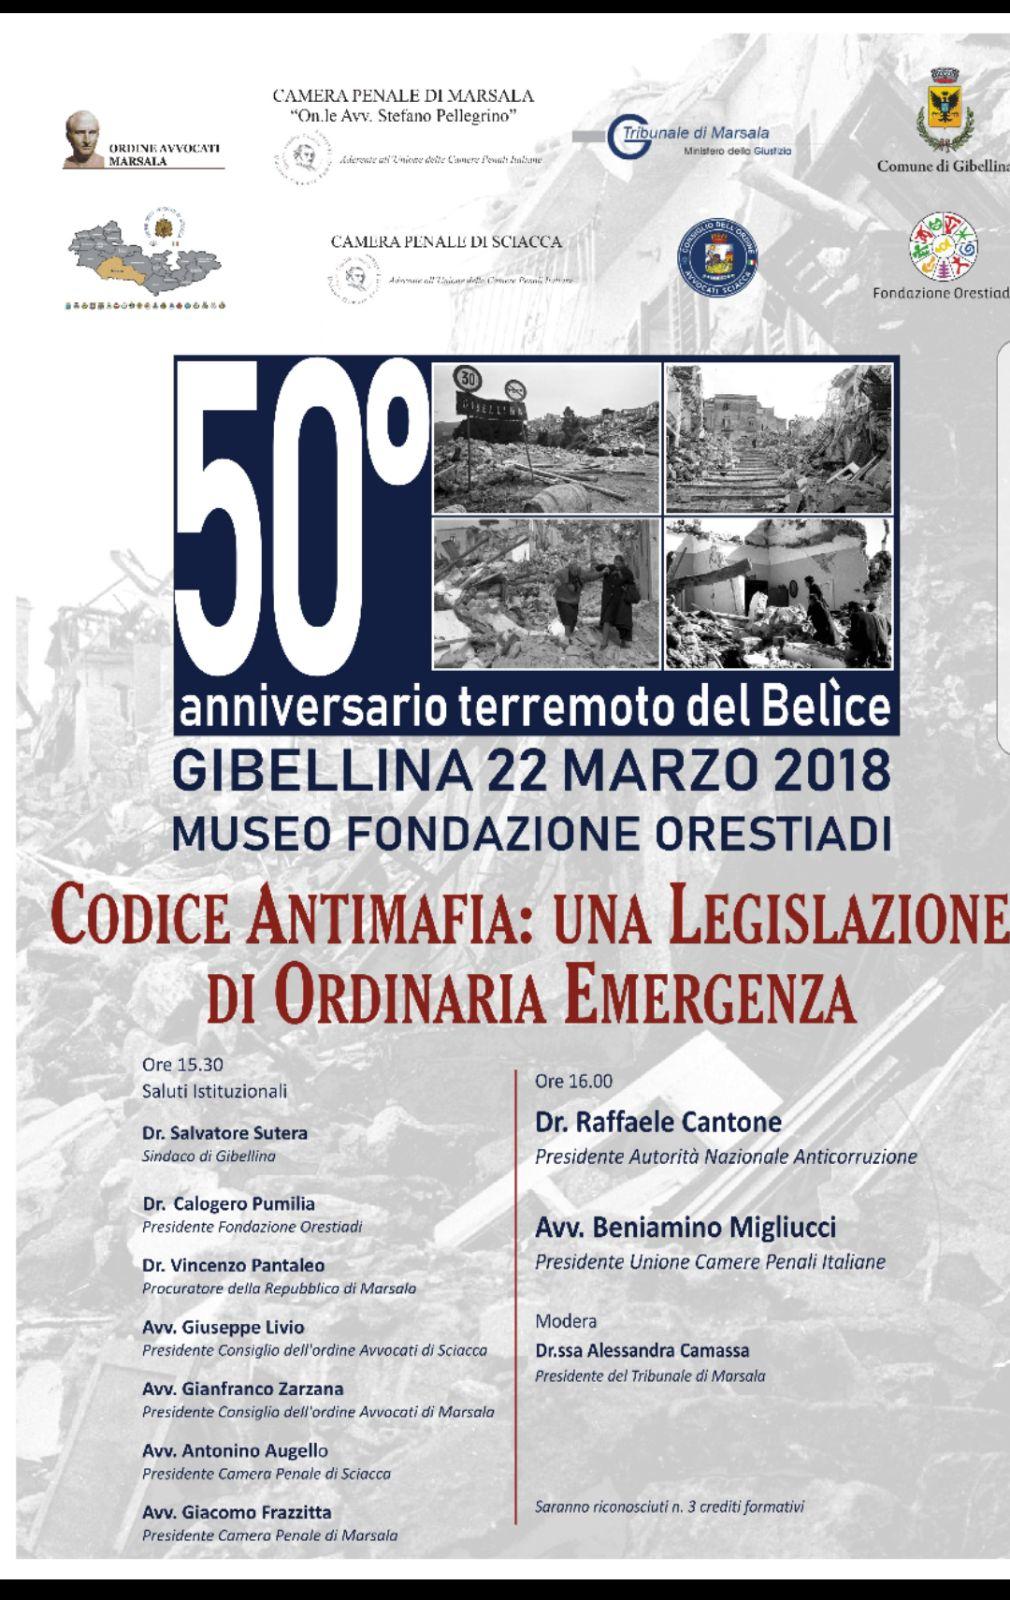 """22 MARZO Convegno """"Codice Antimafia: Una Legislazione Di Ordinaria Emergenza"""""""